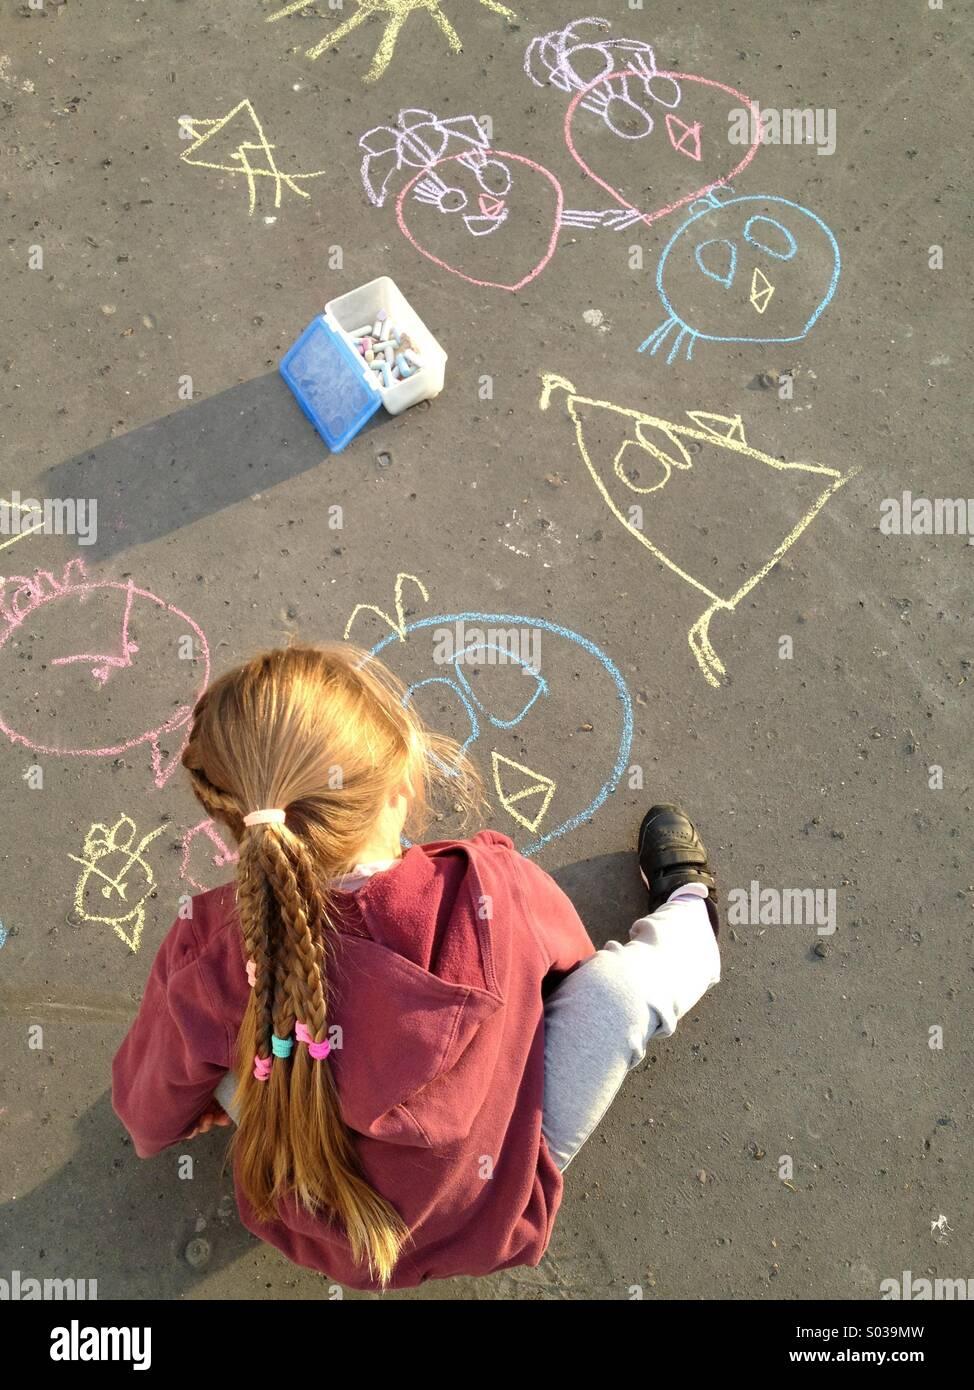 Bambino disegna con un gessetto su asfalto Immagini Stock